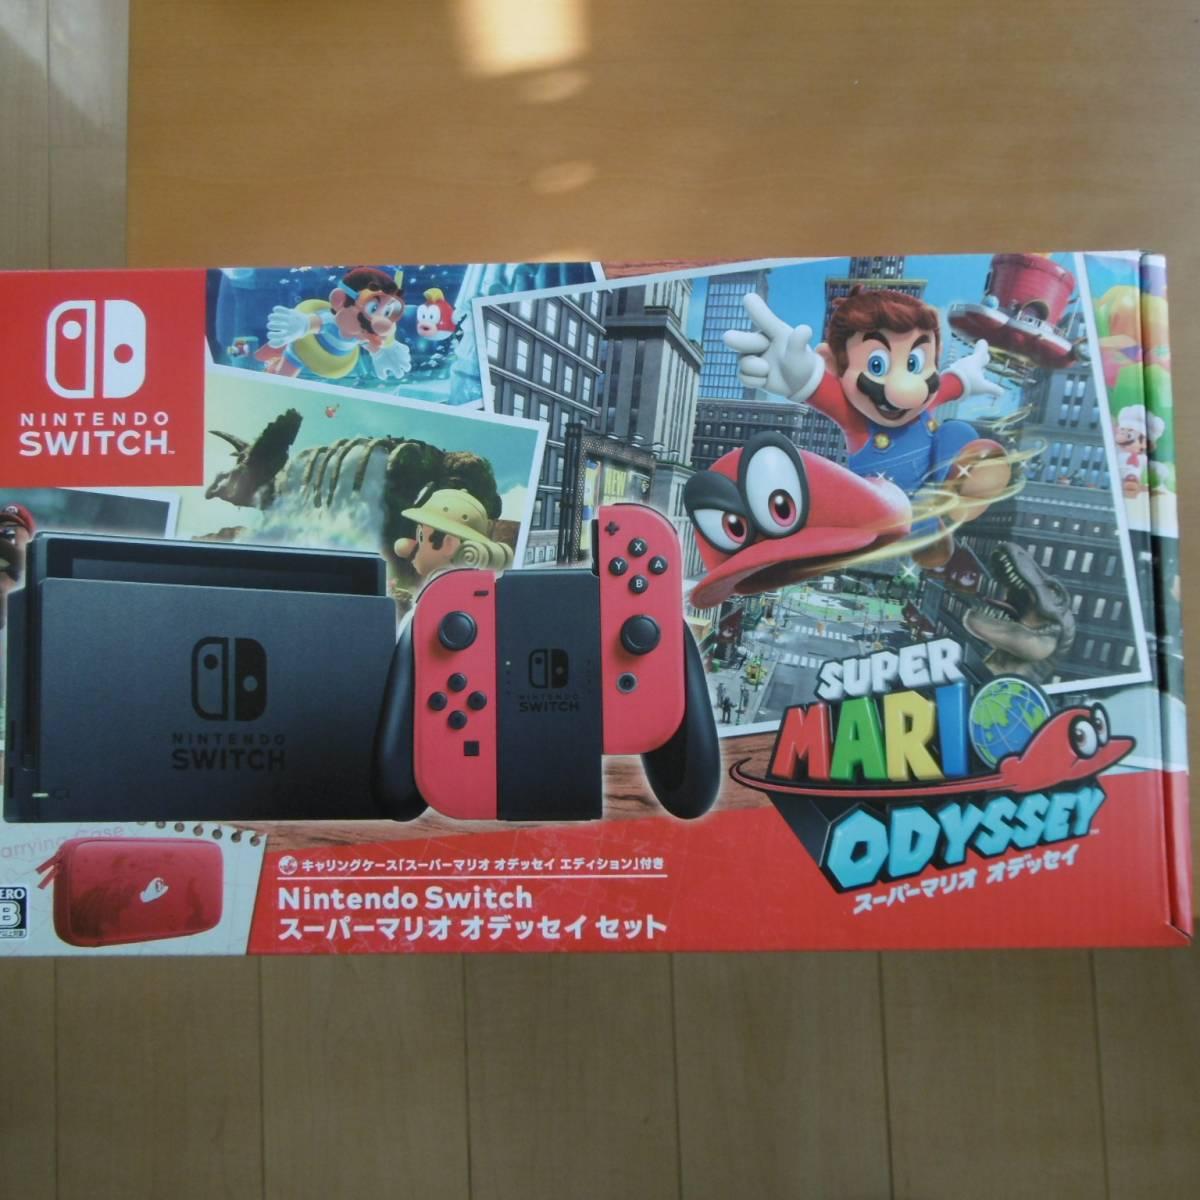 【新品☆未開封】Nintendo Switch 任天堂 ニンテンドー スイッチ 本体 スーパーマリオ オデッセイセット 保証付き11月19日購入